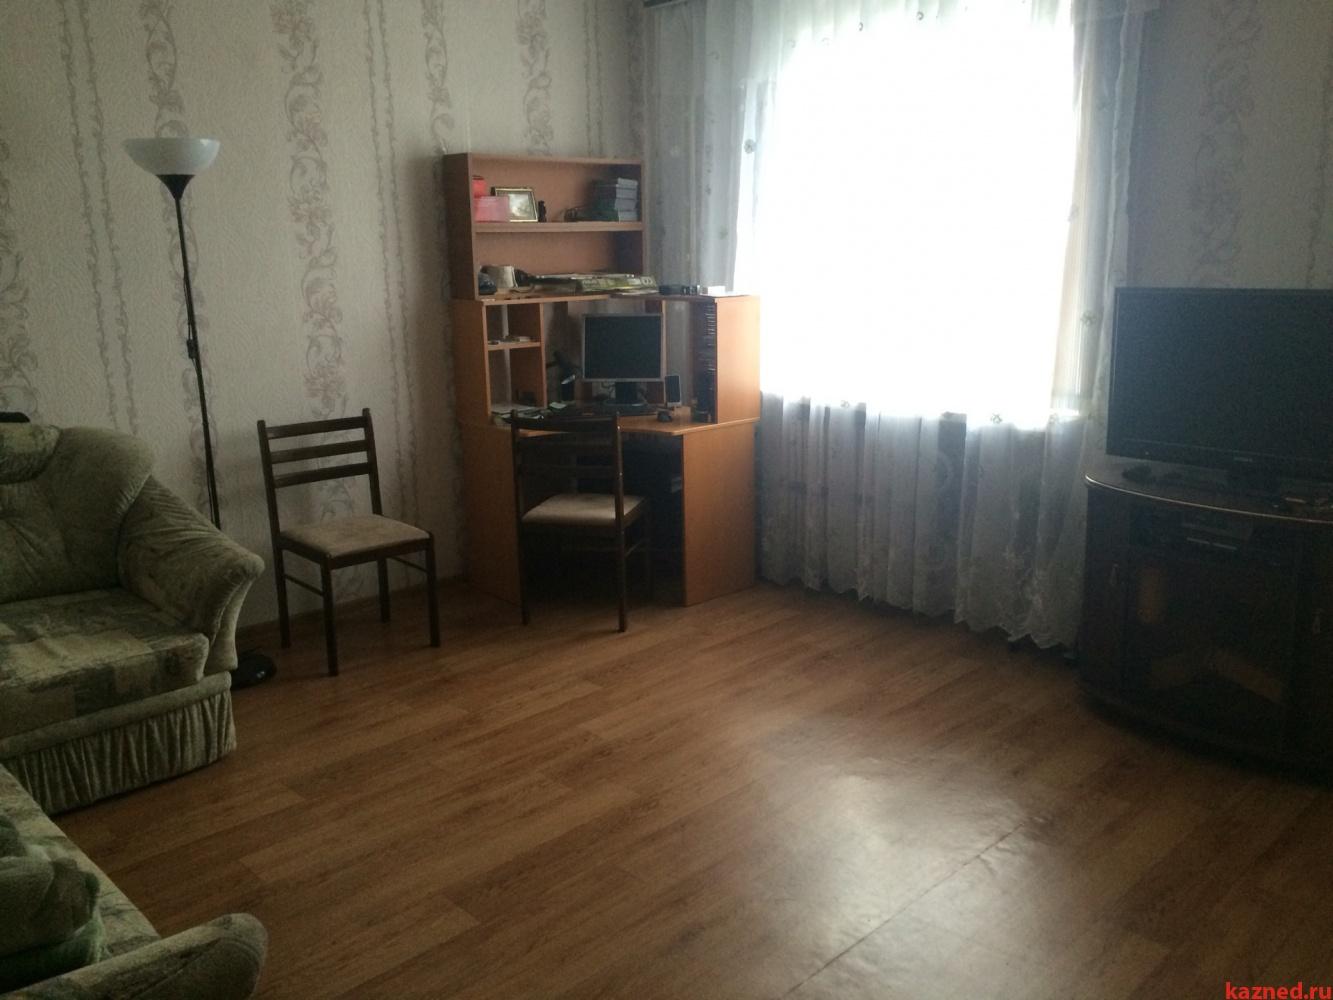 Продажа 2-к квартиры Проспект Победы,158, 73 м² (миниатюра №8)